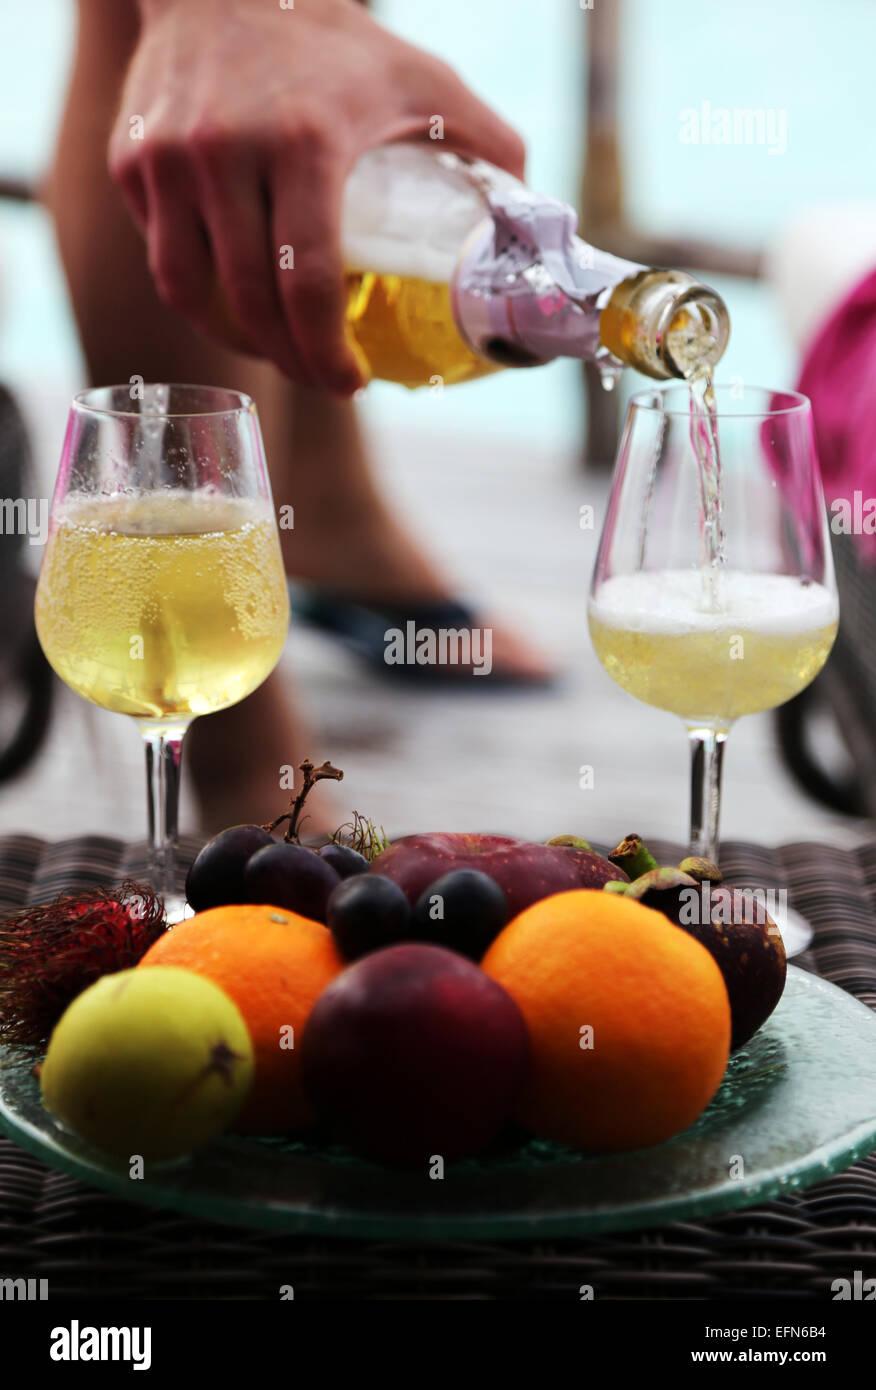 Una mano de hombre vierte en dos copas de champán. Un plato de frutas exóticas está en el frente. Imagen De Stock